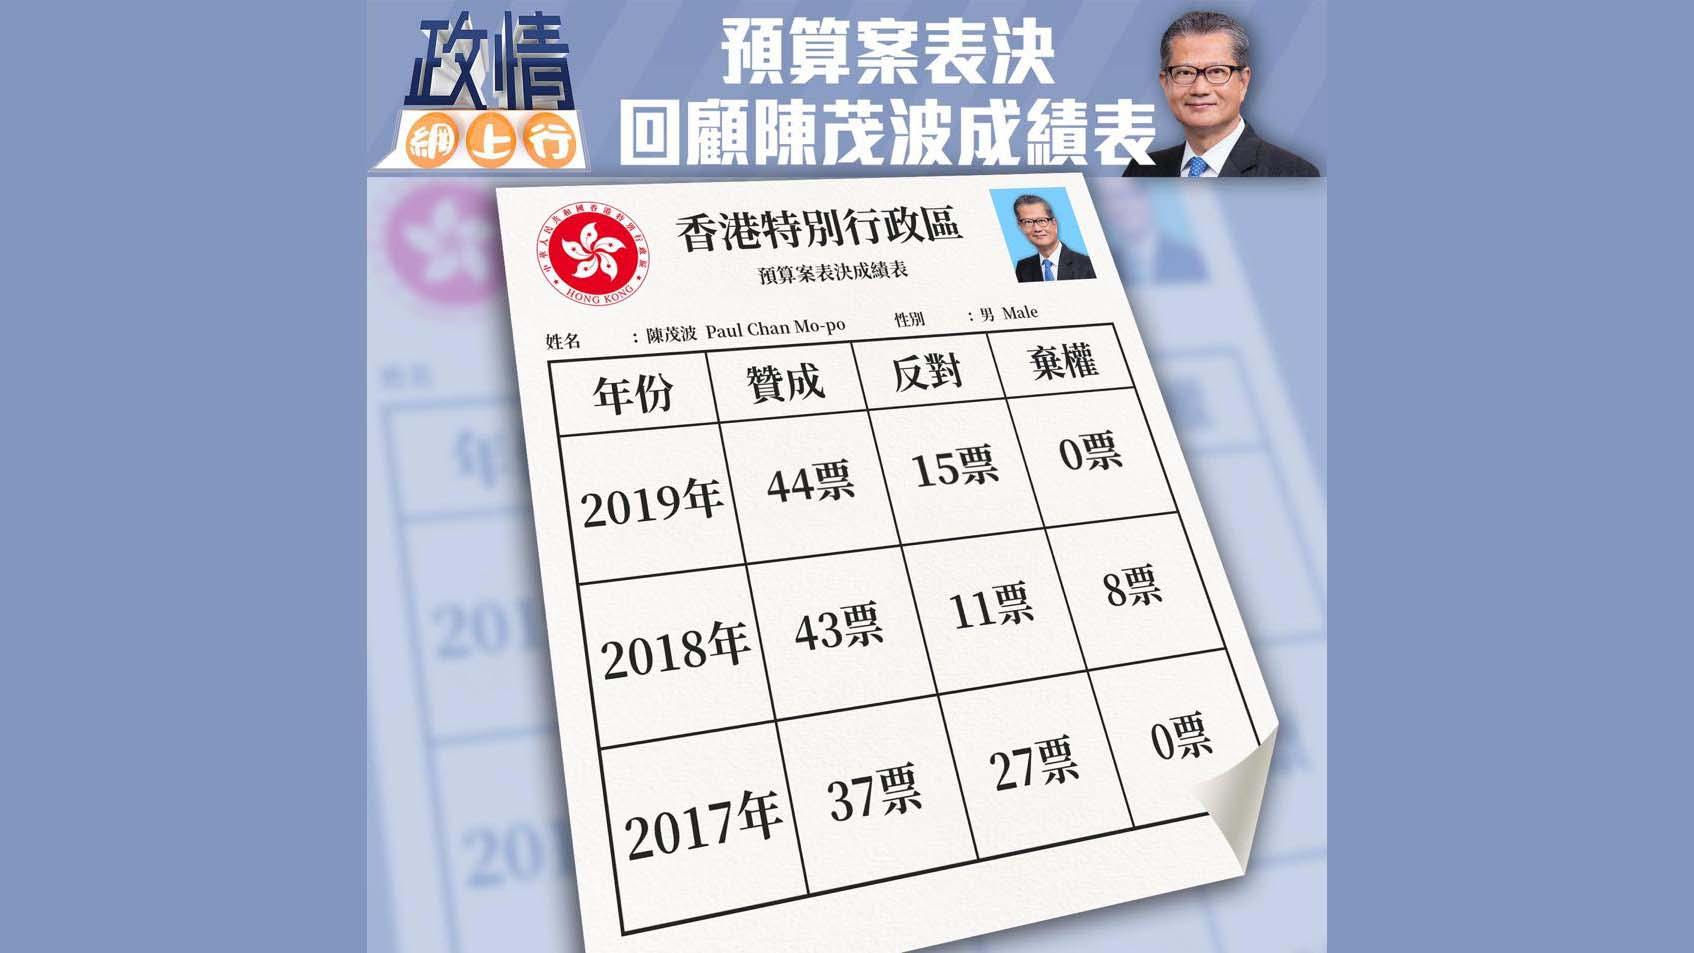 【政情網上行】預算案表決 回顧陳茂波成績表